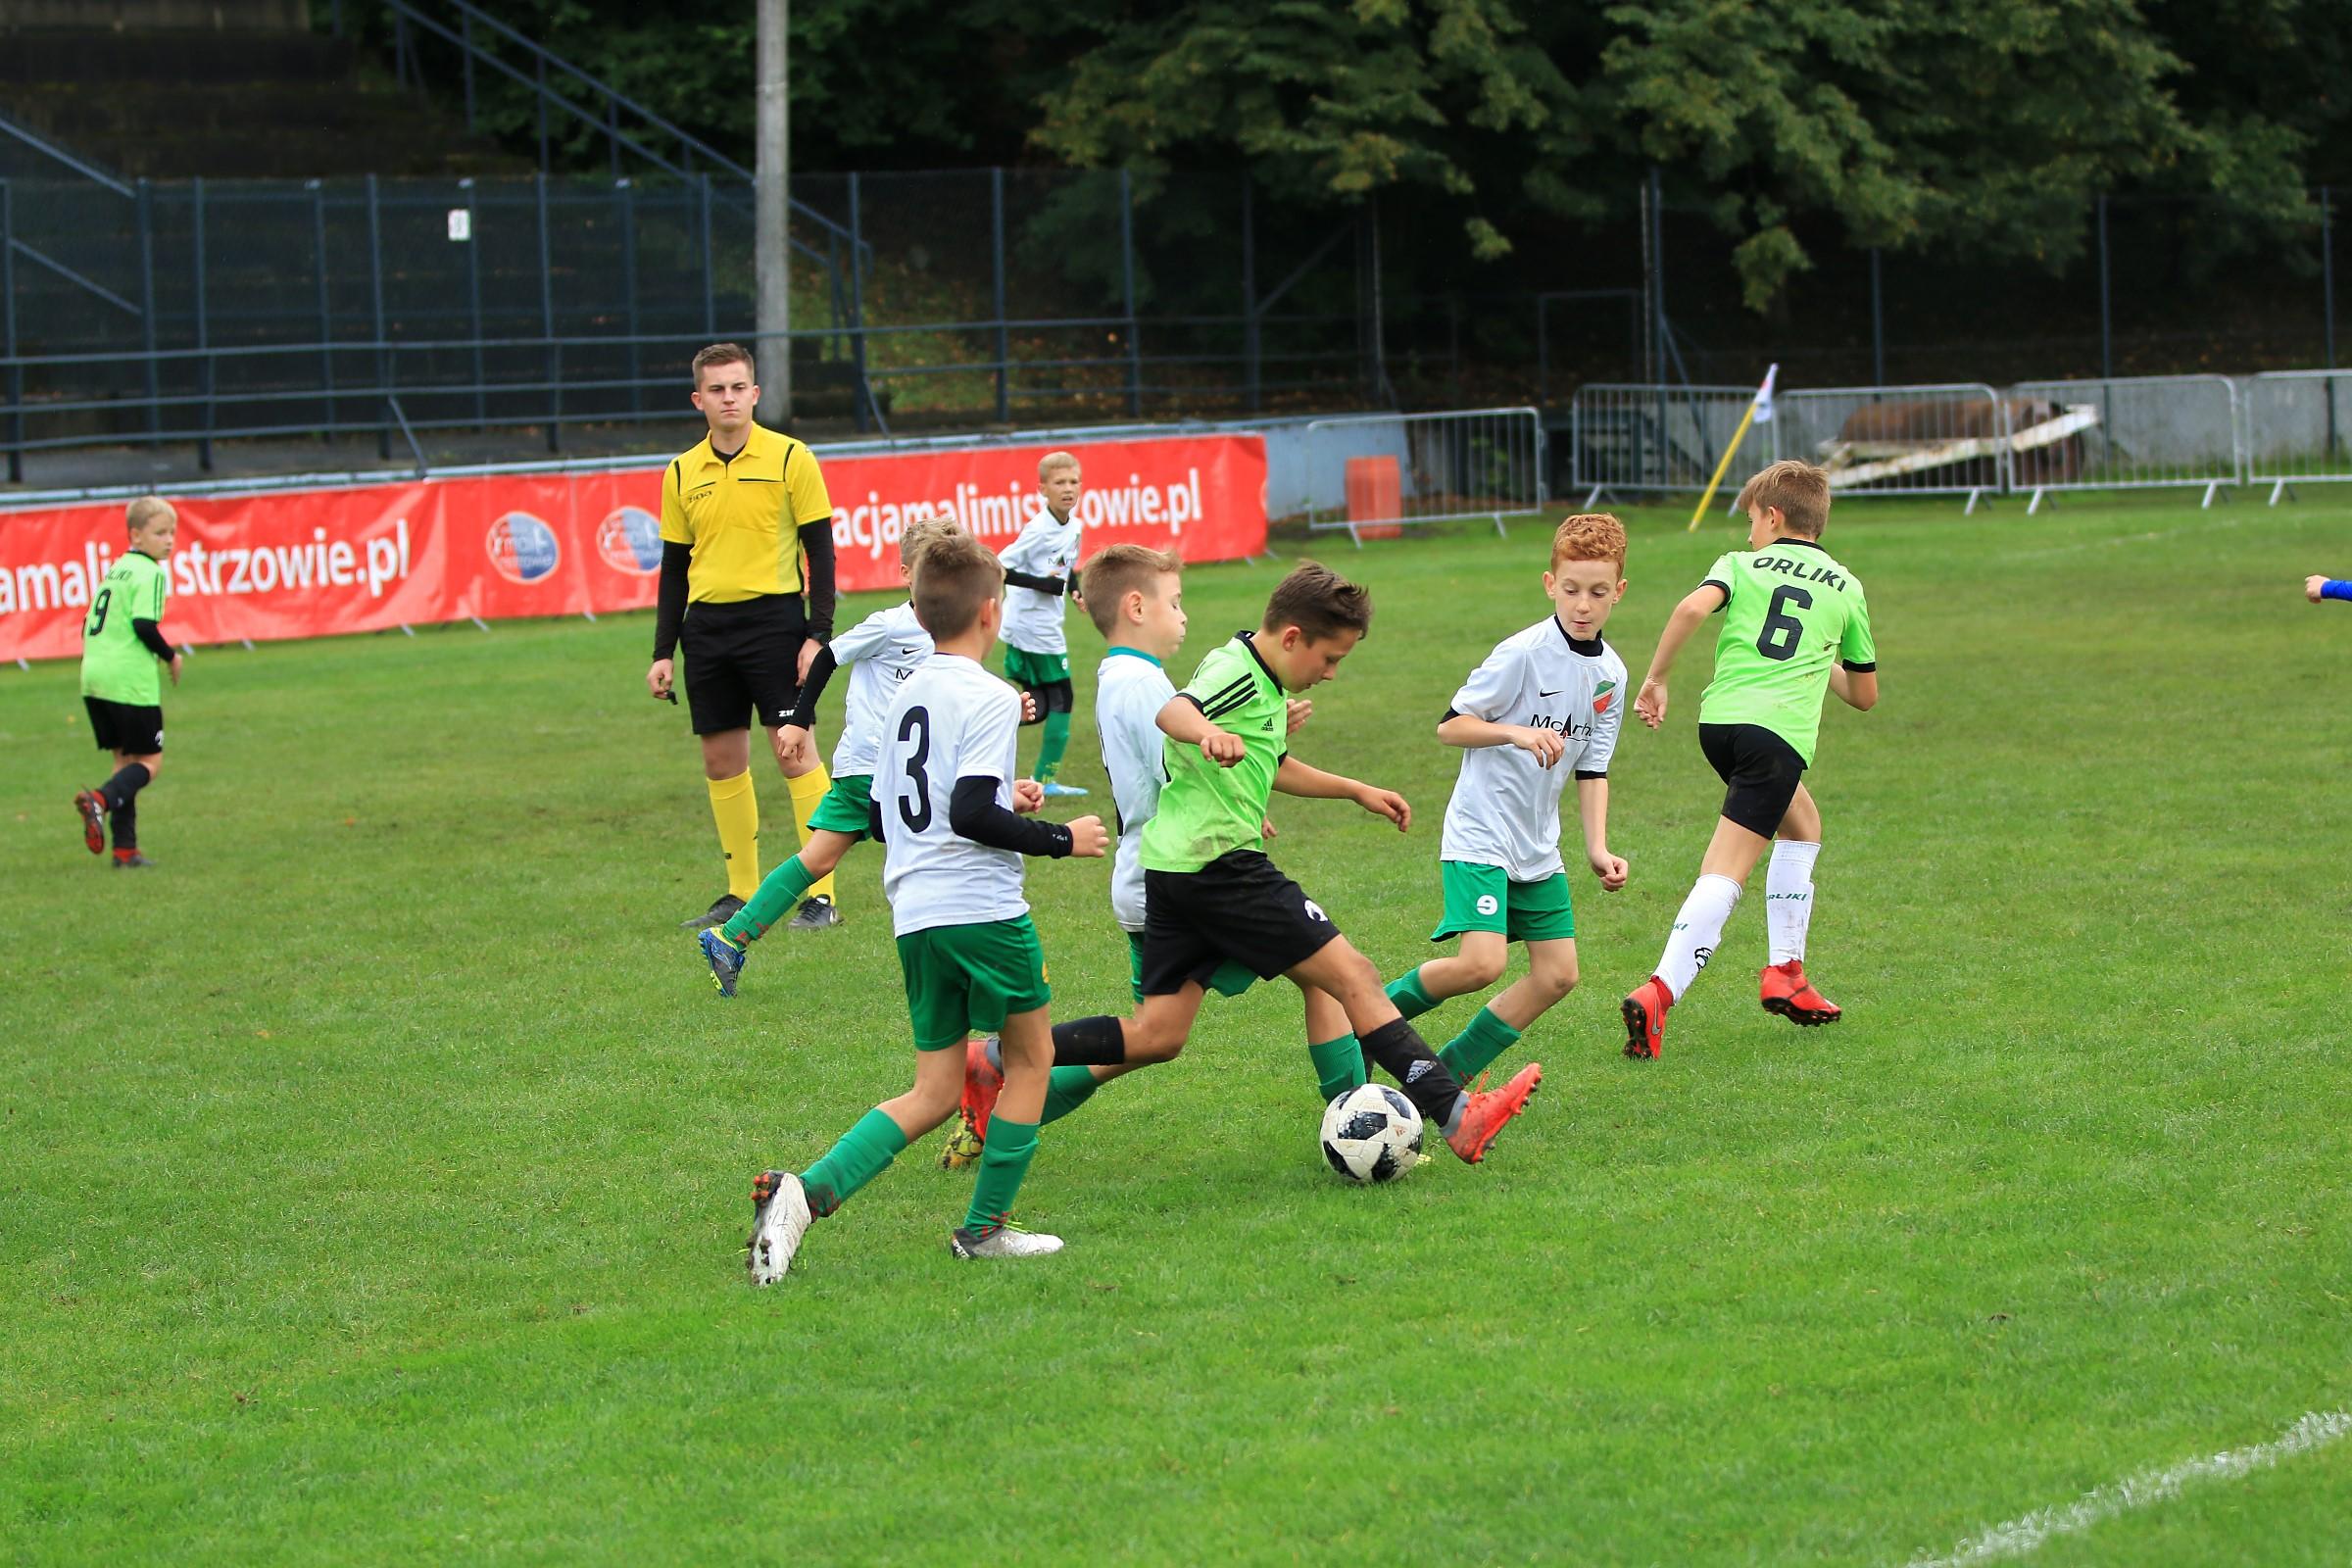 rozgrywki piłkarskie na boisku